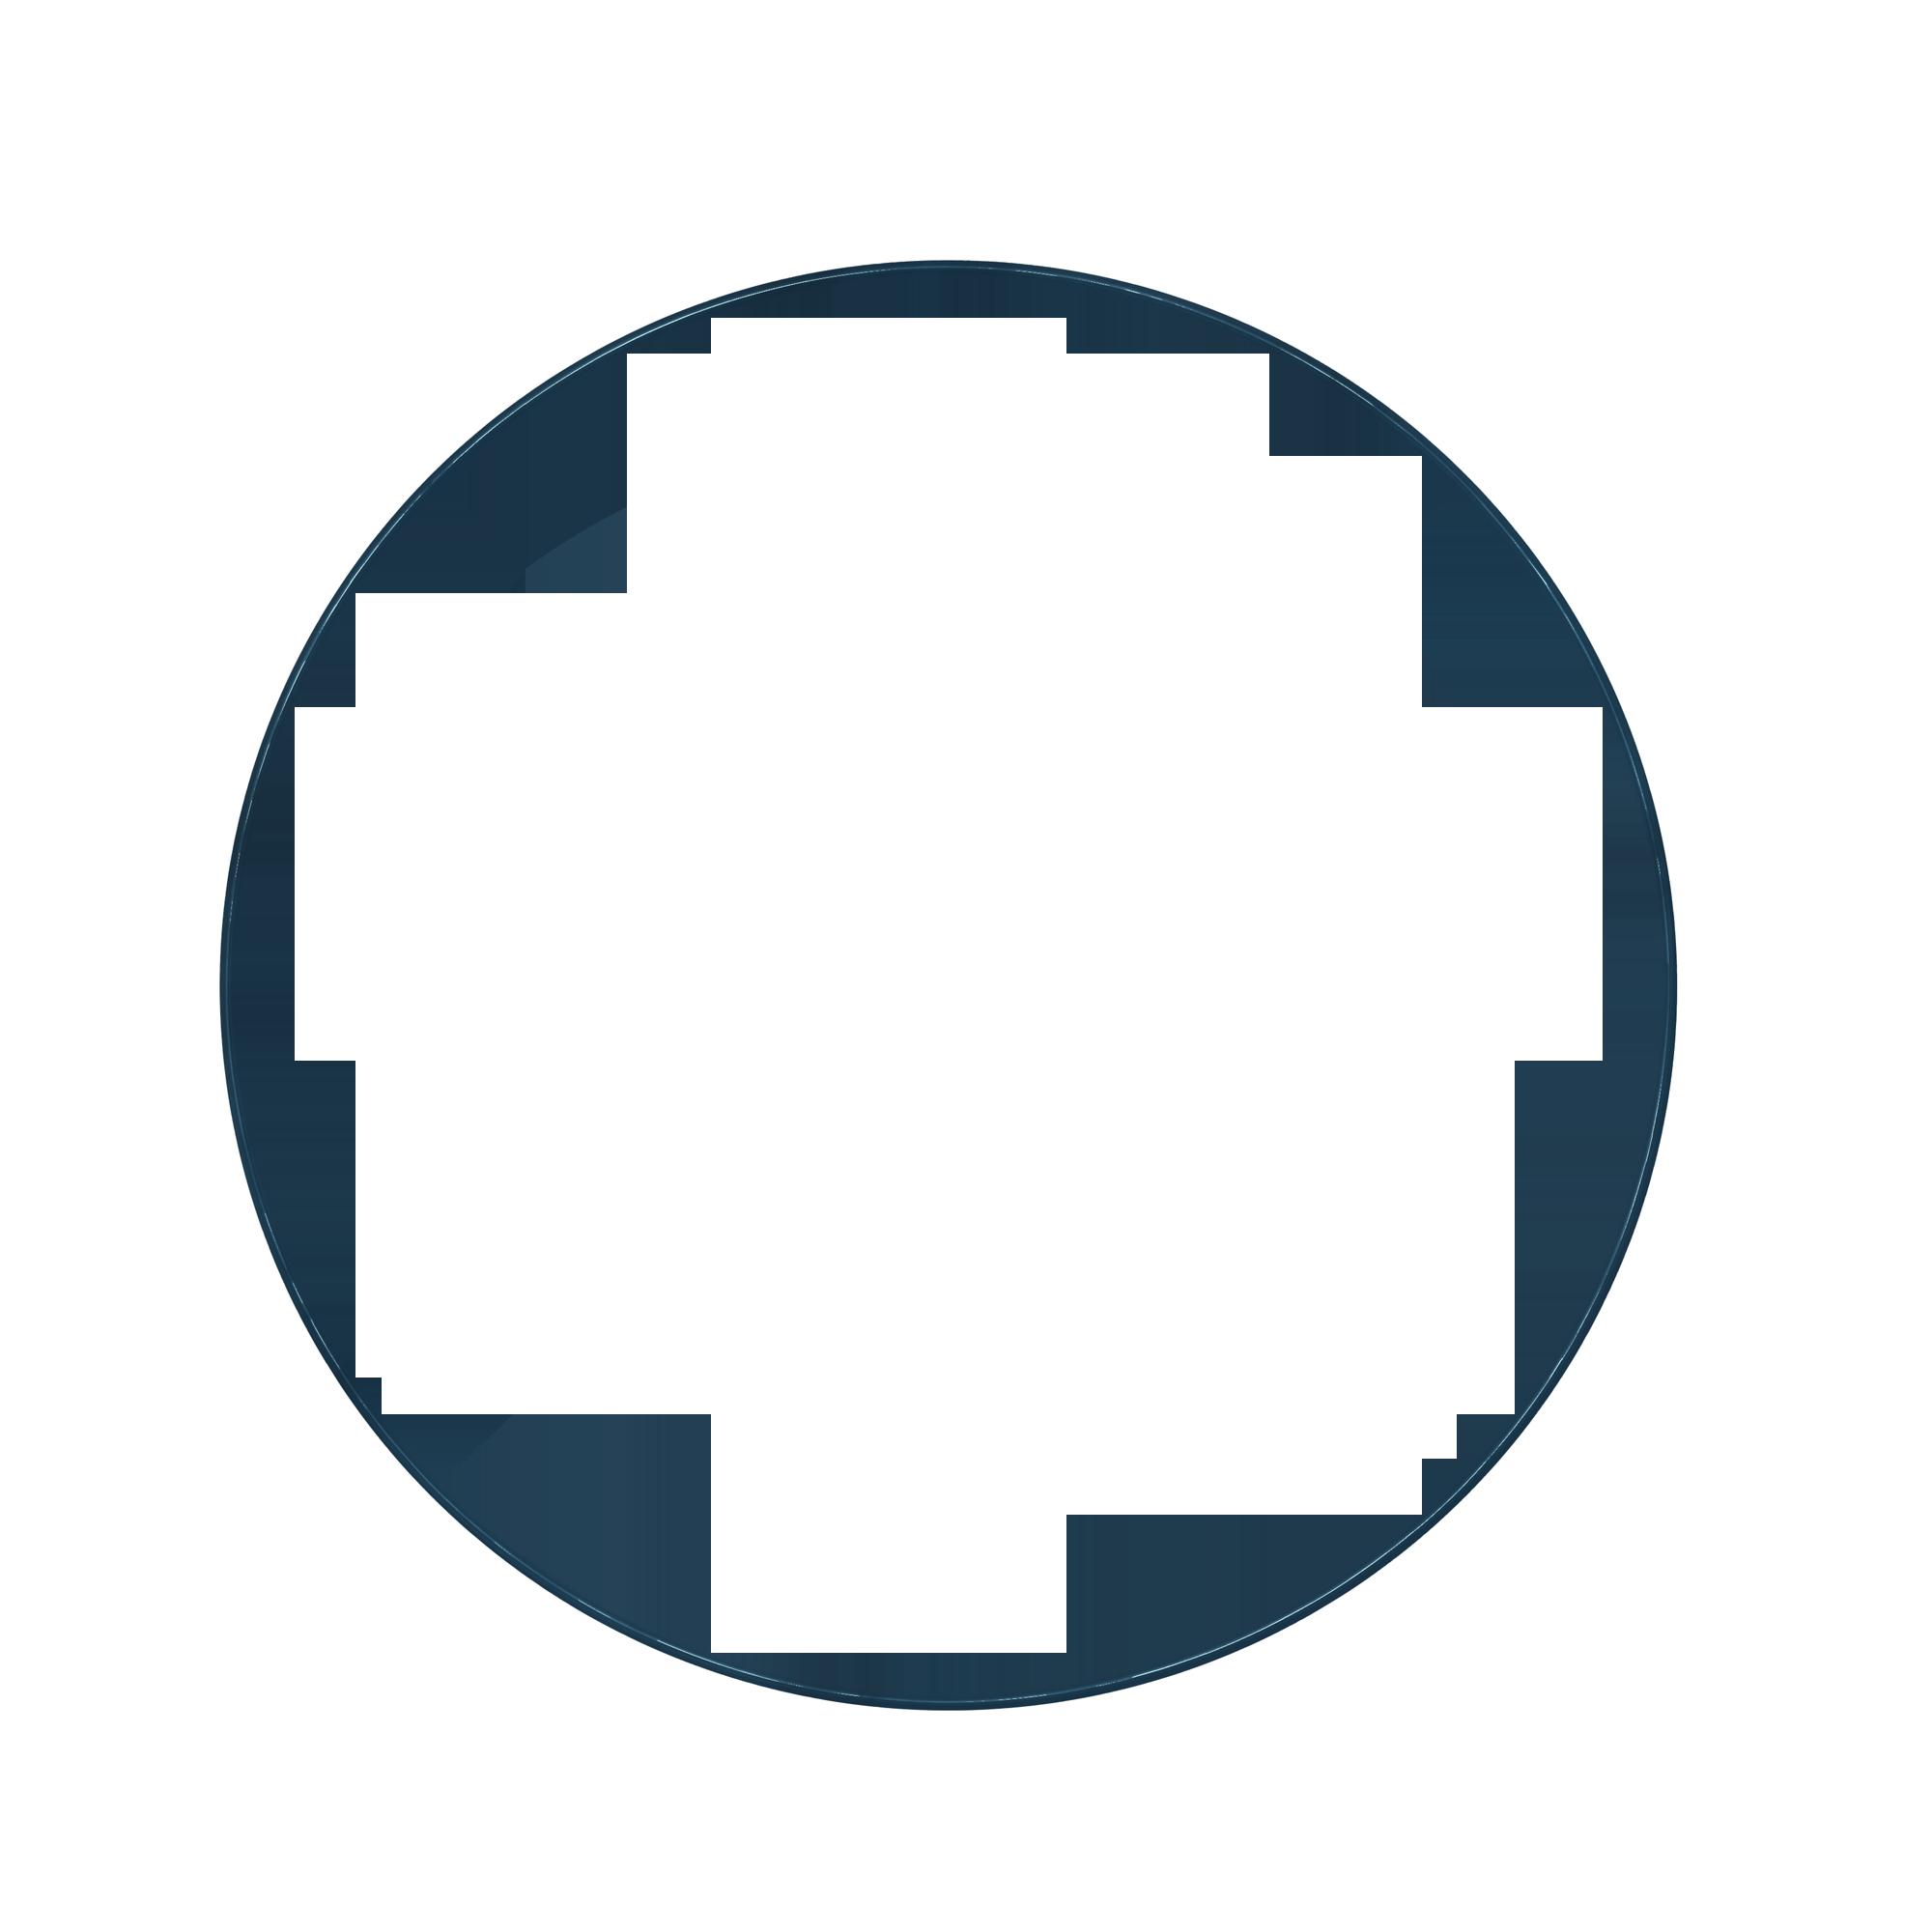 Черный круг на белом фоне картинки